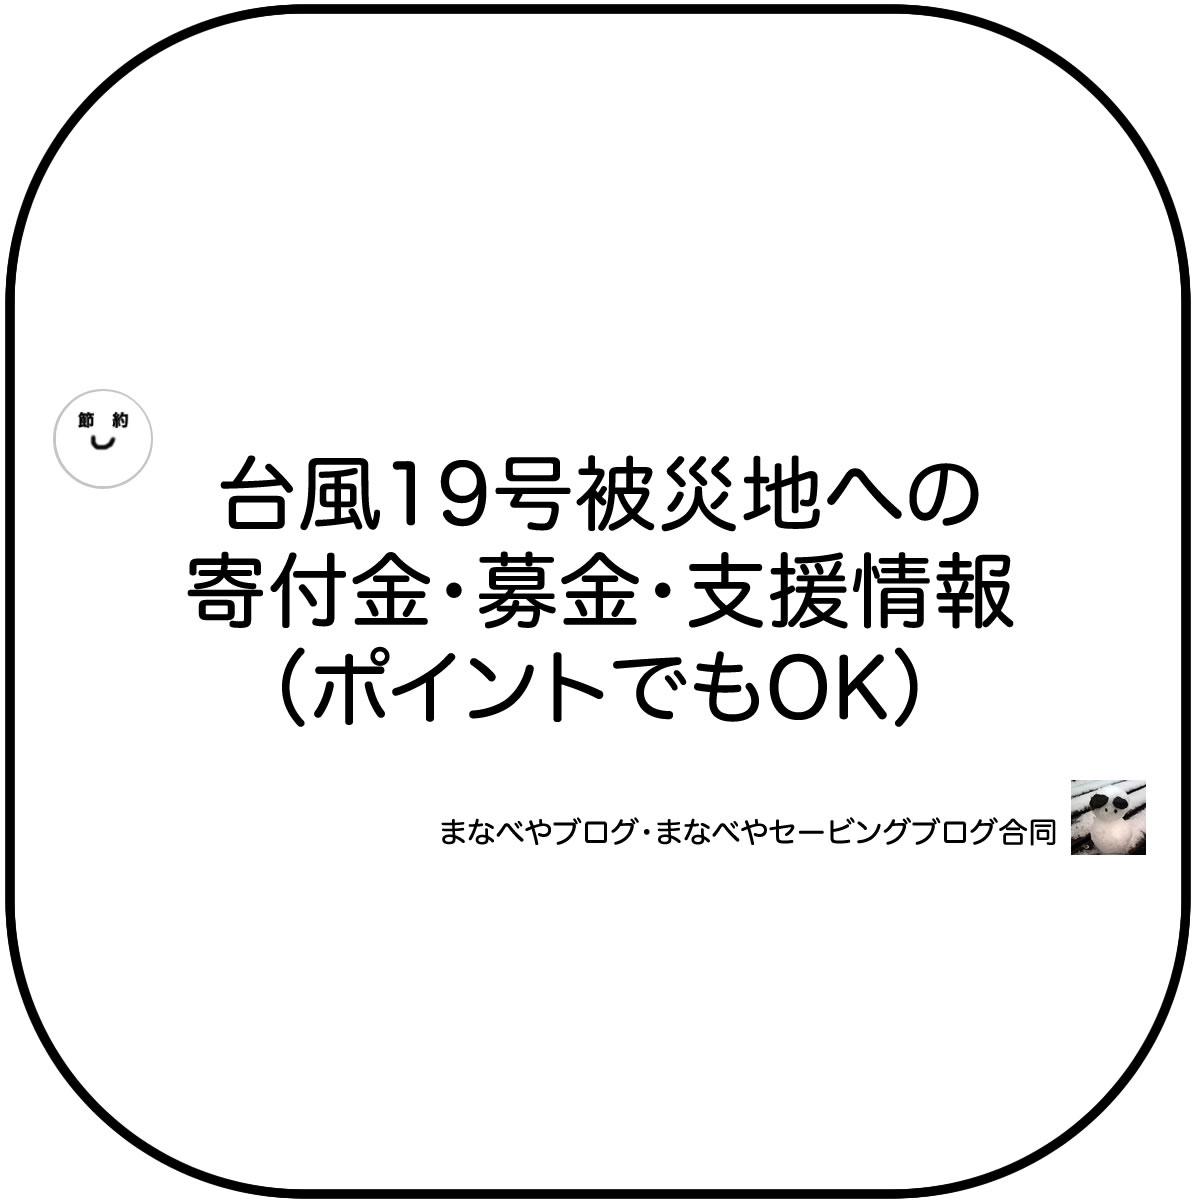 台風19号被災地へのポイントでもできる支援情報